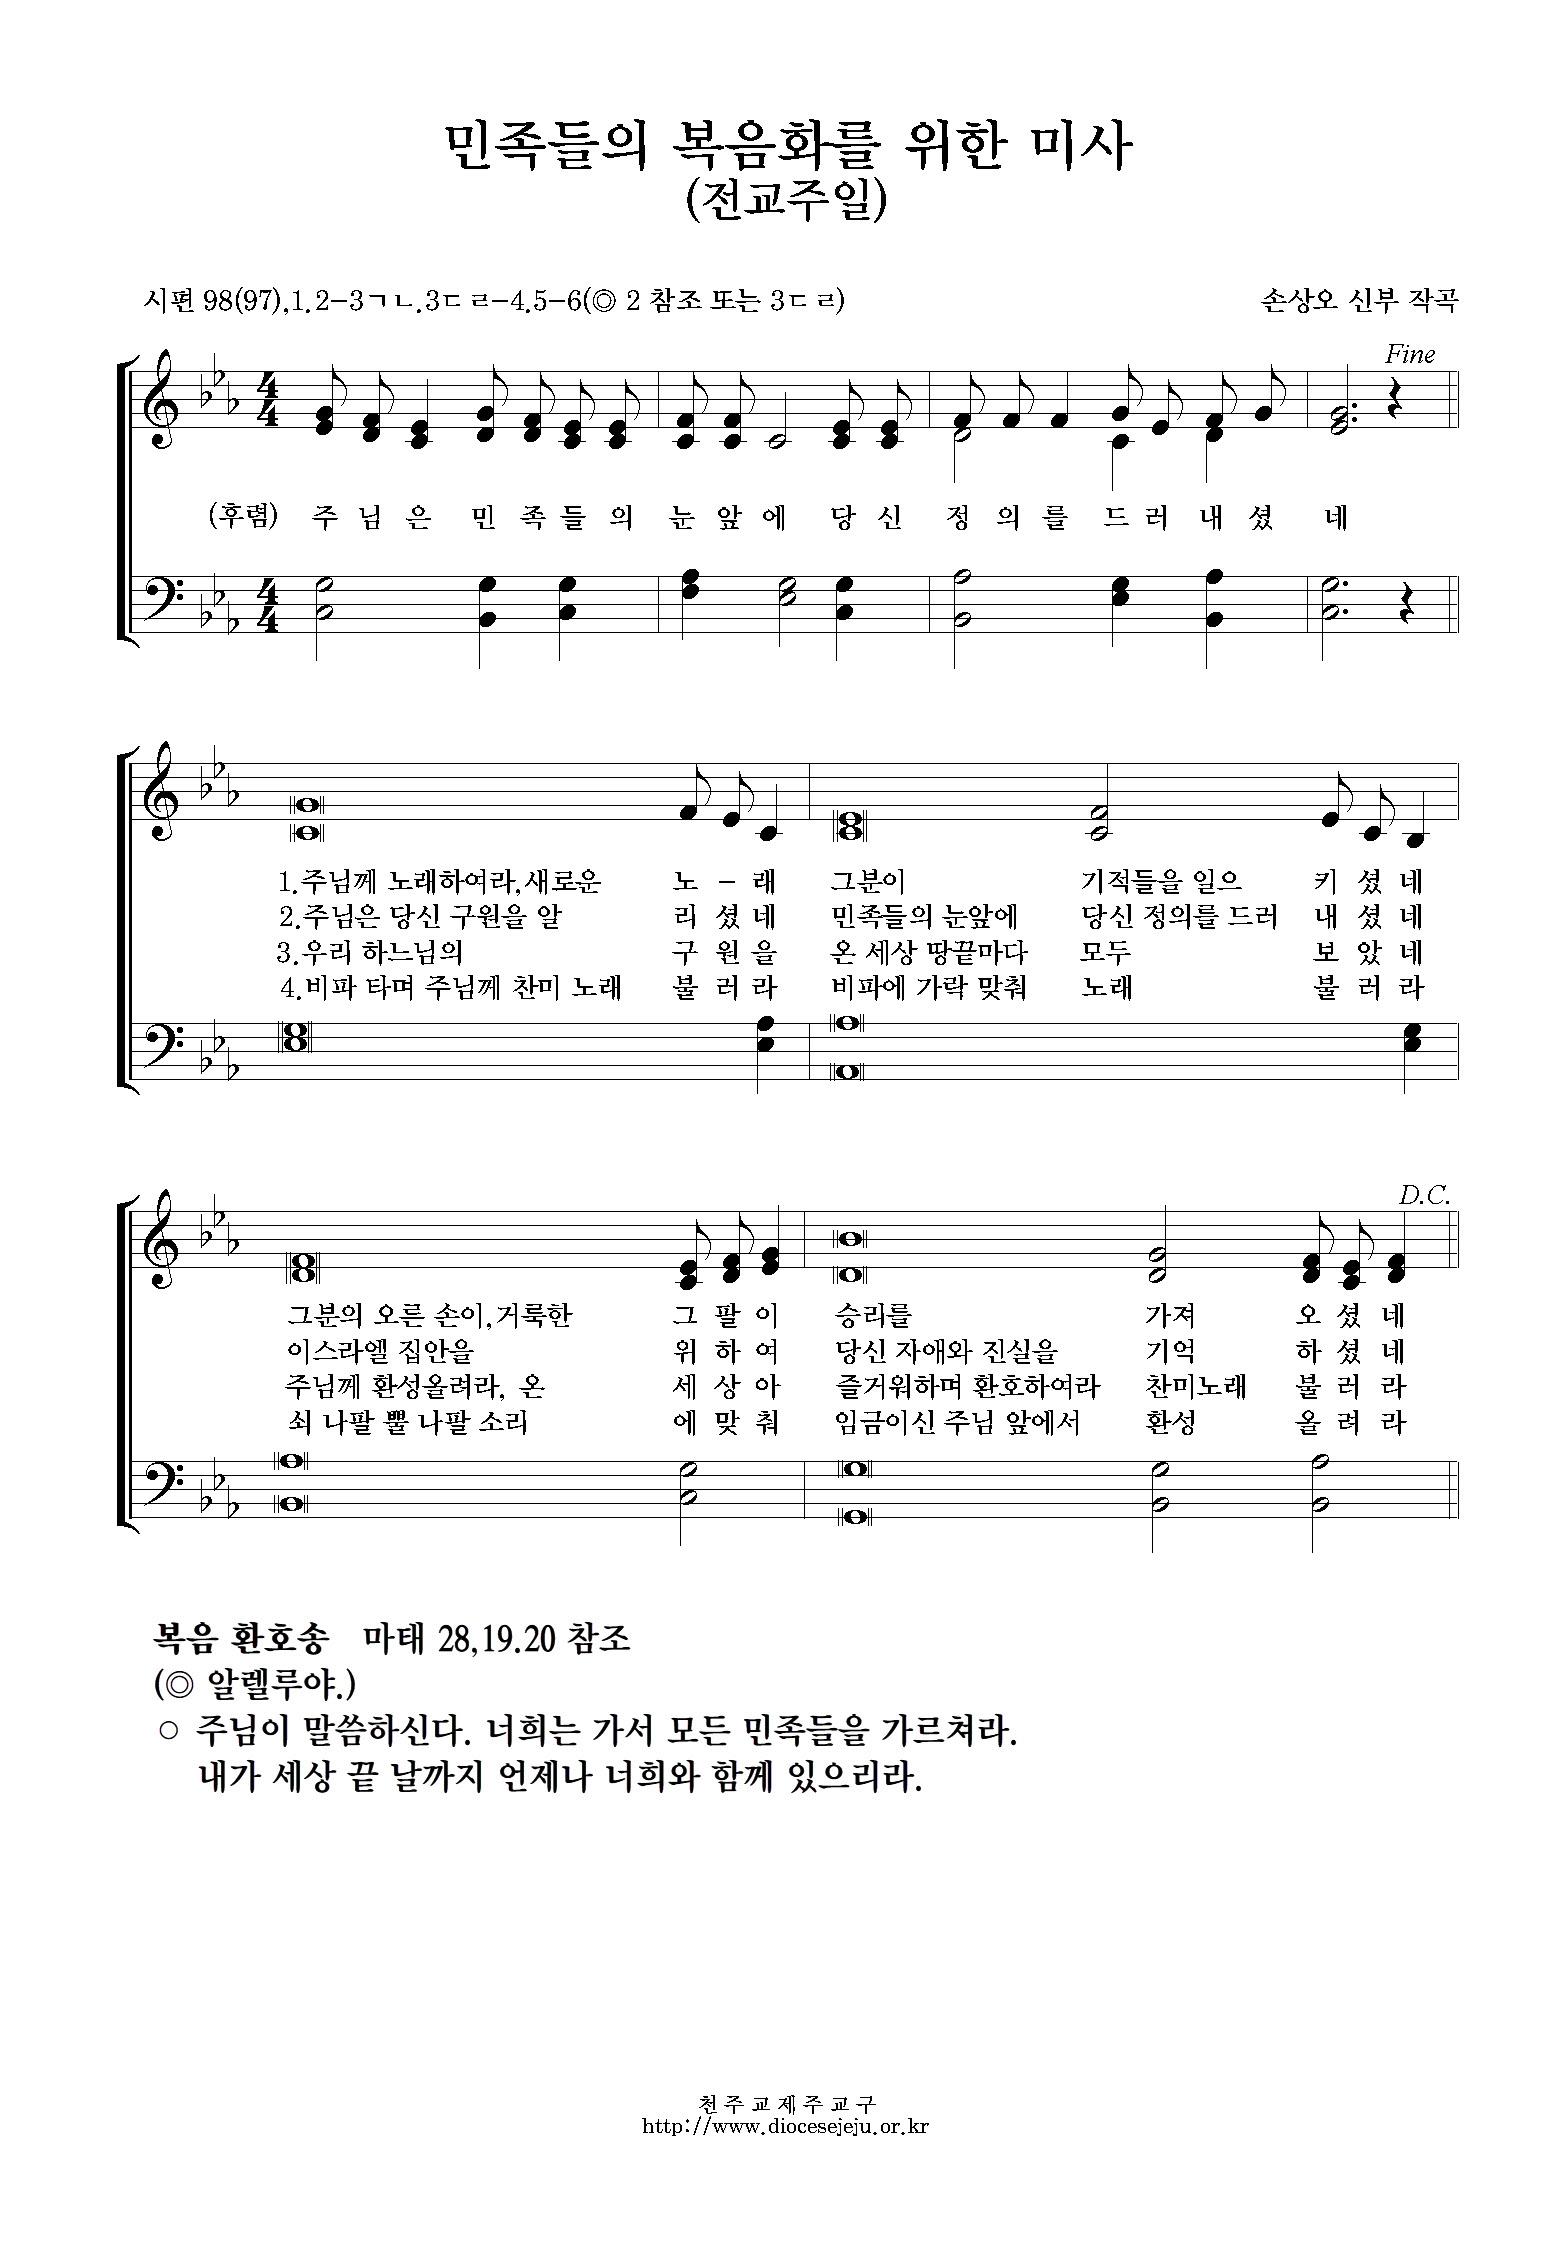 20181021-민족들의 복음화를 위한 미사(전교주일).jpg